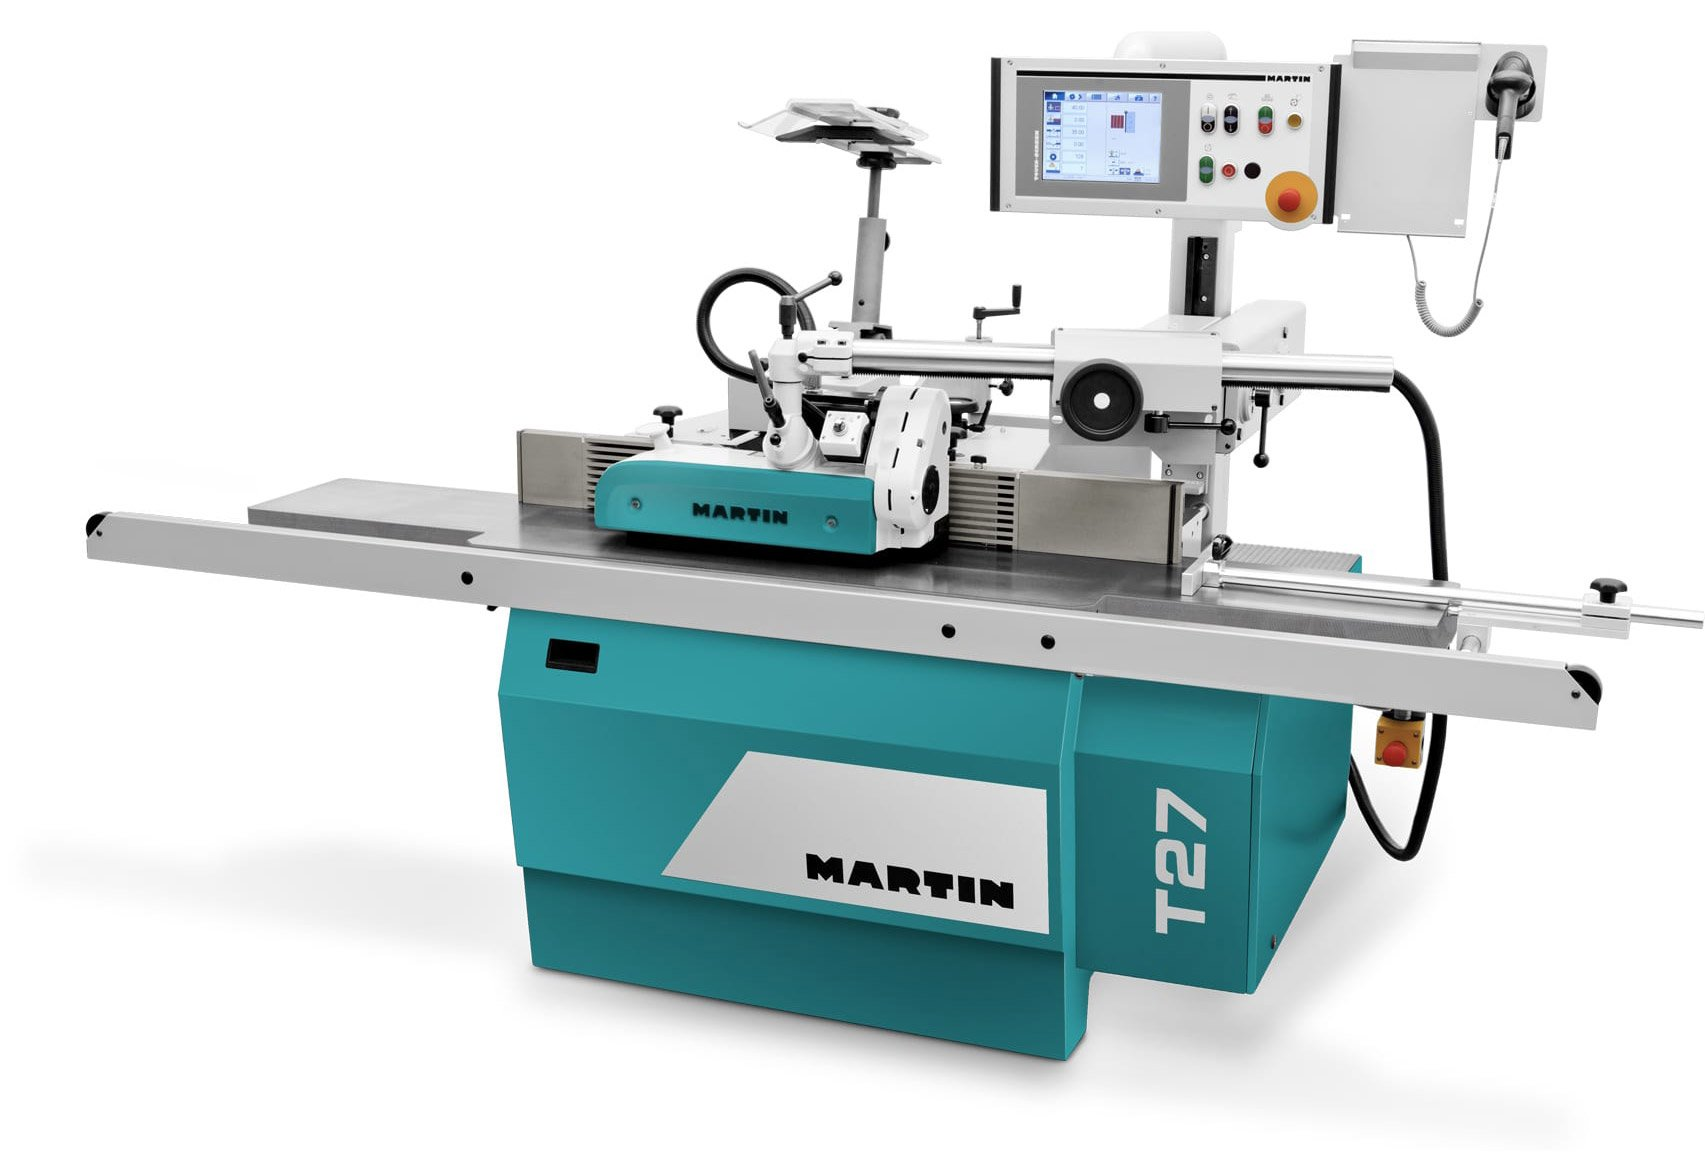 Macchine e servizi per la lavorazione del legno, Homepage